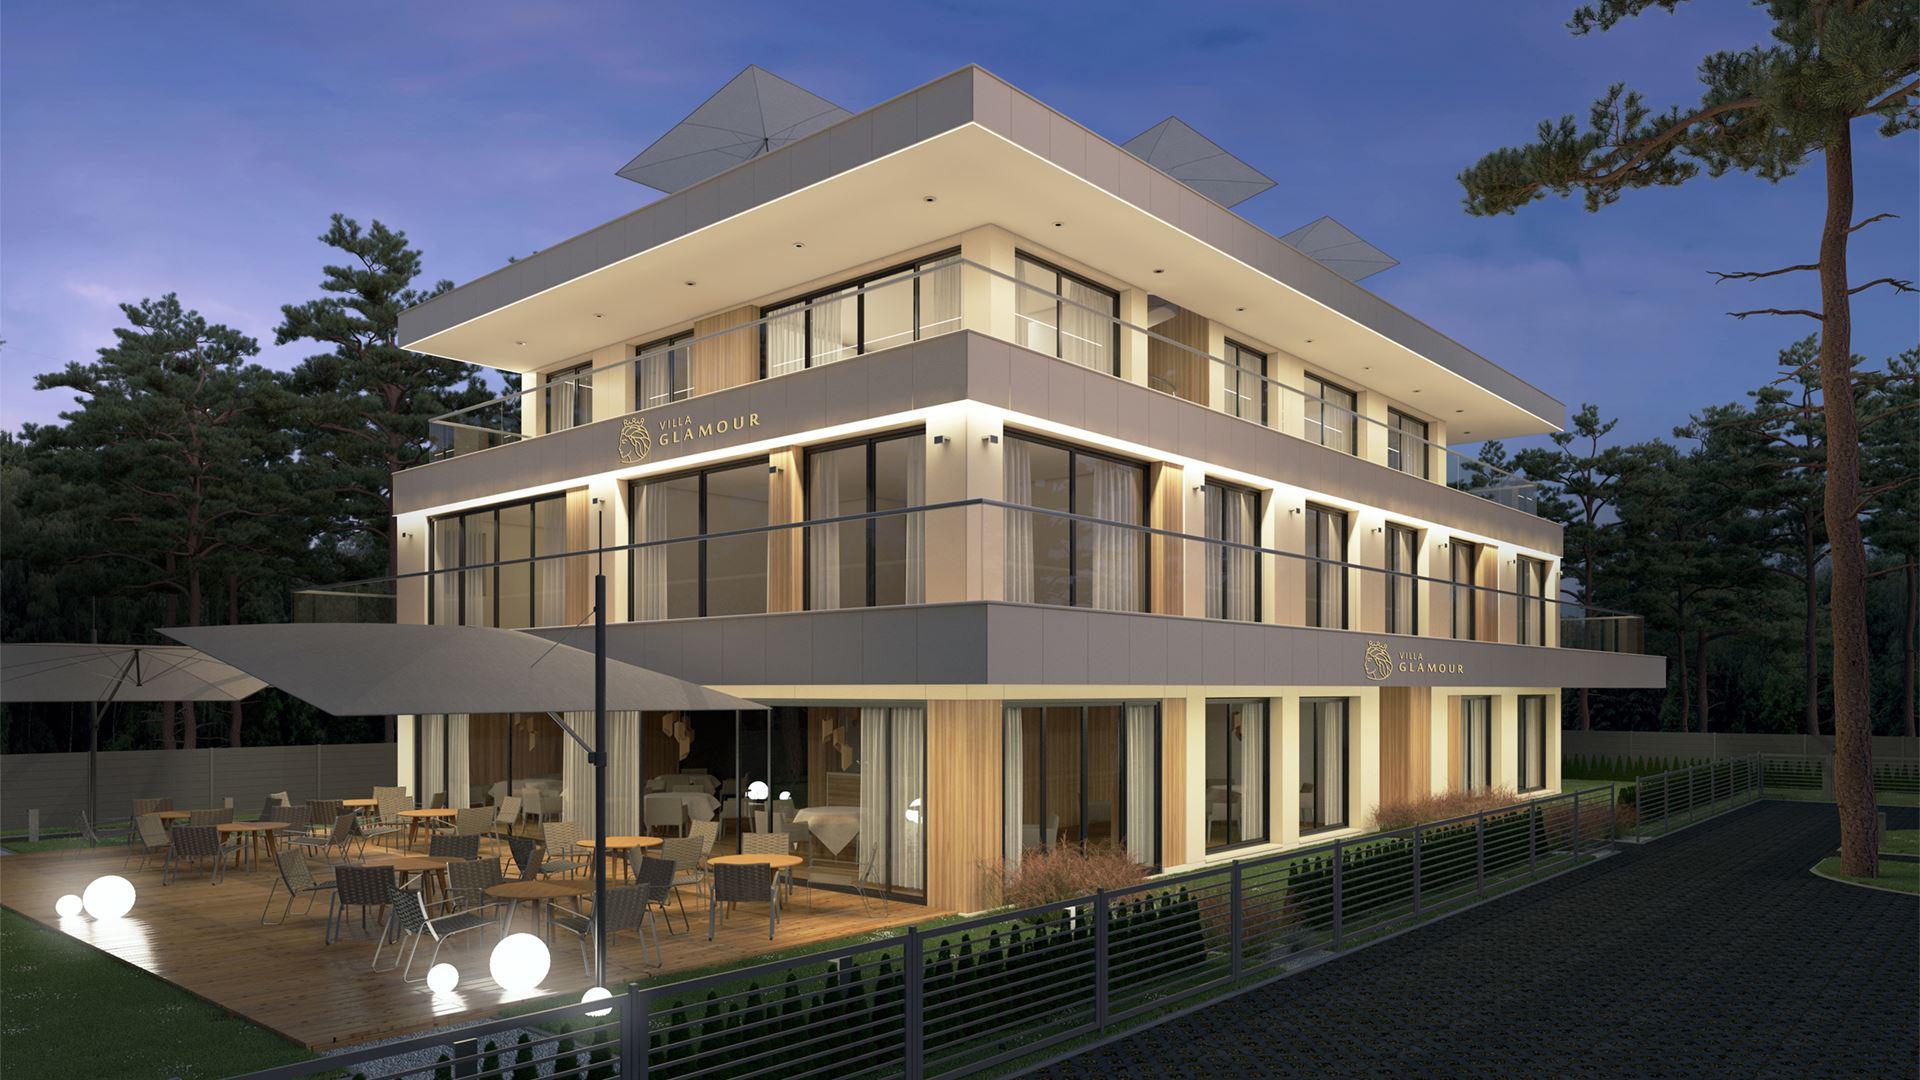 villa glamour apartamenty na sprzedaz (15)